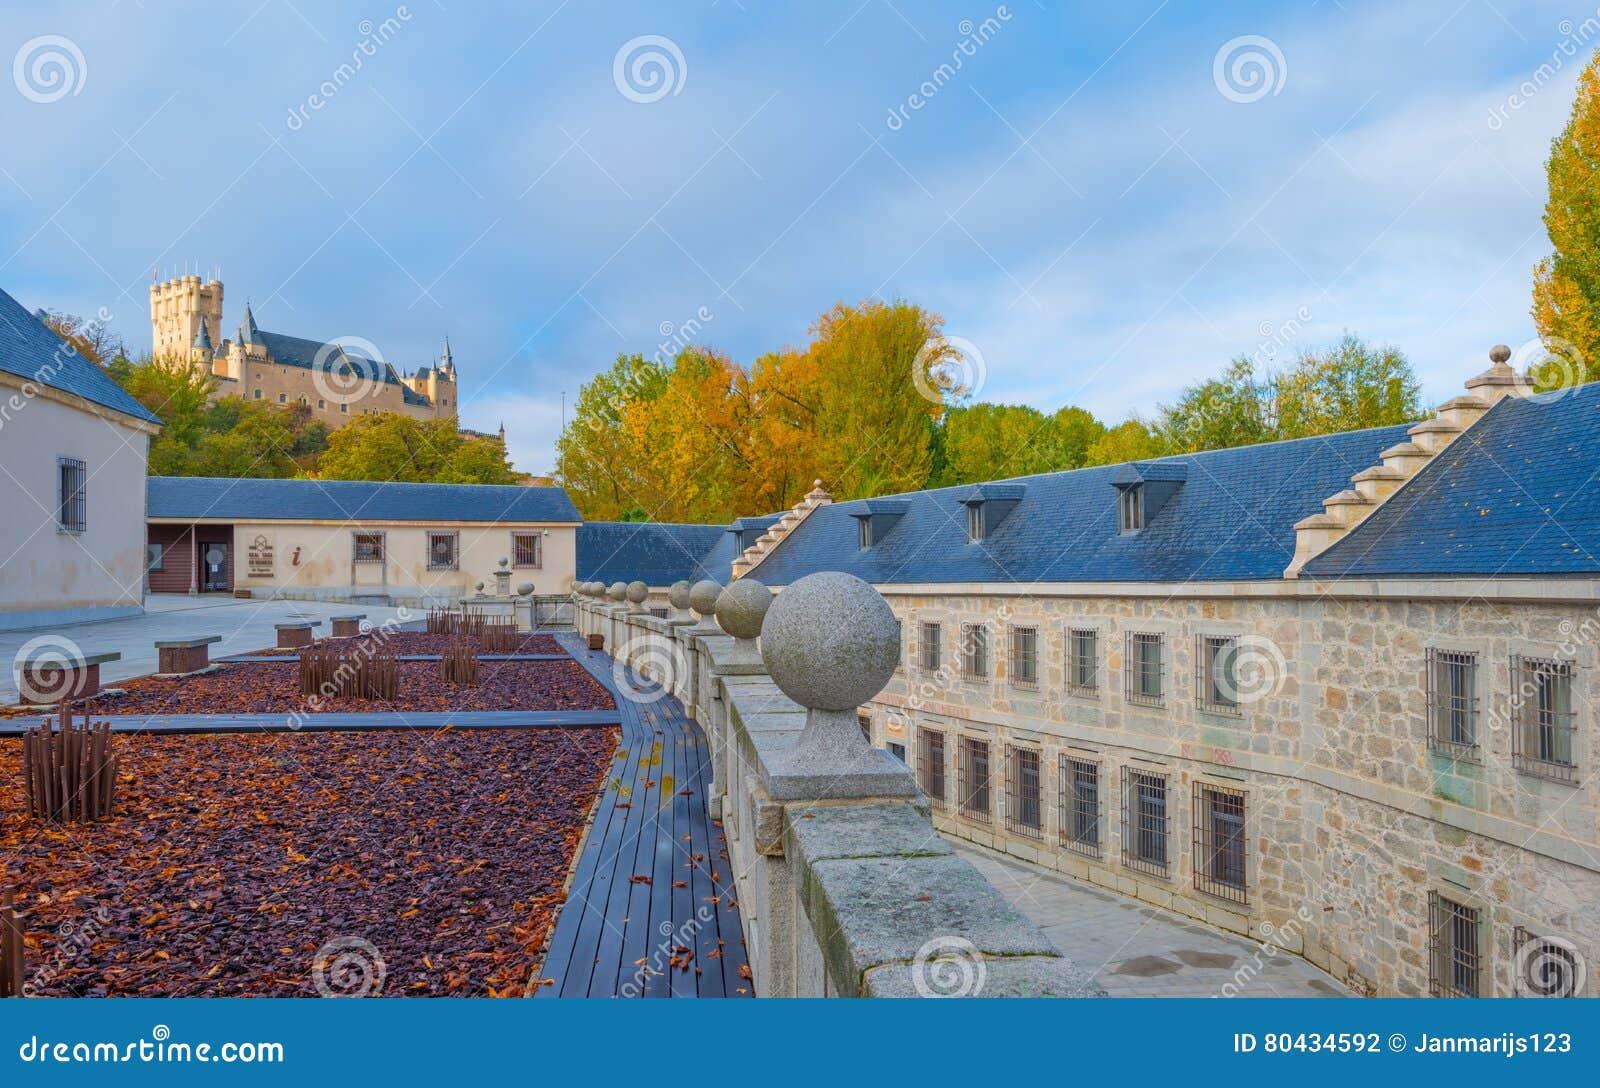 Historic building in Segovia